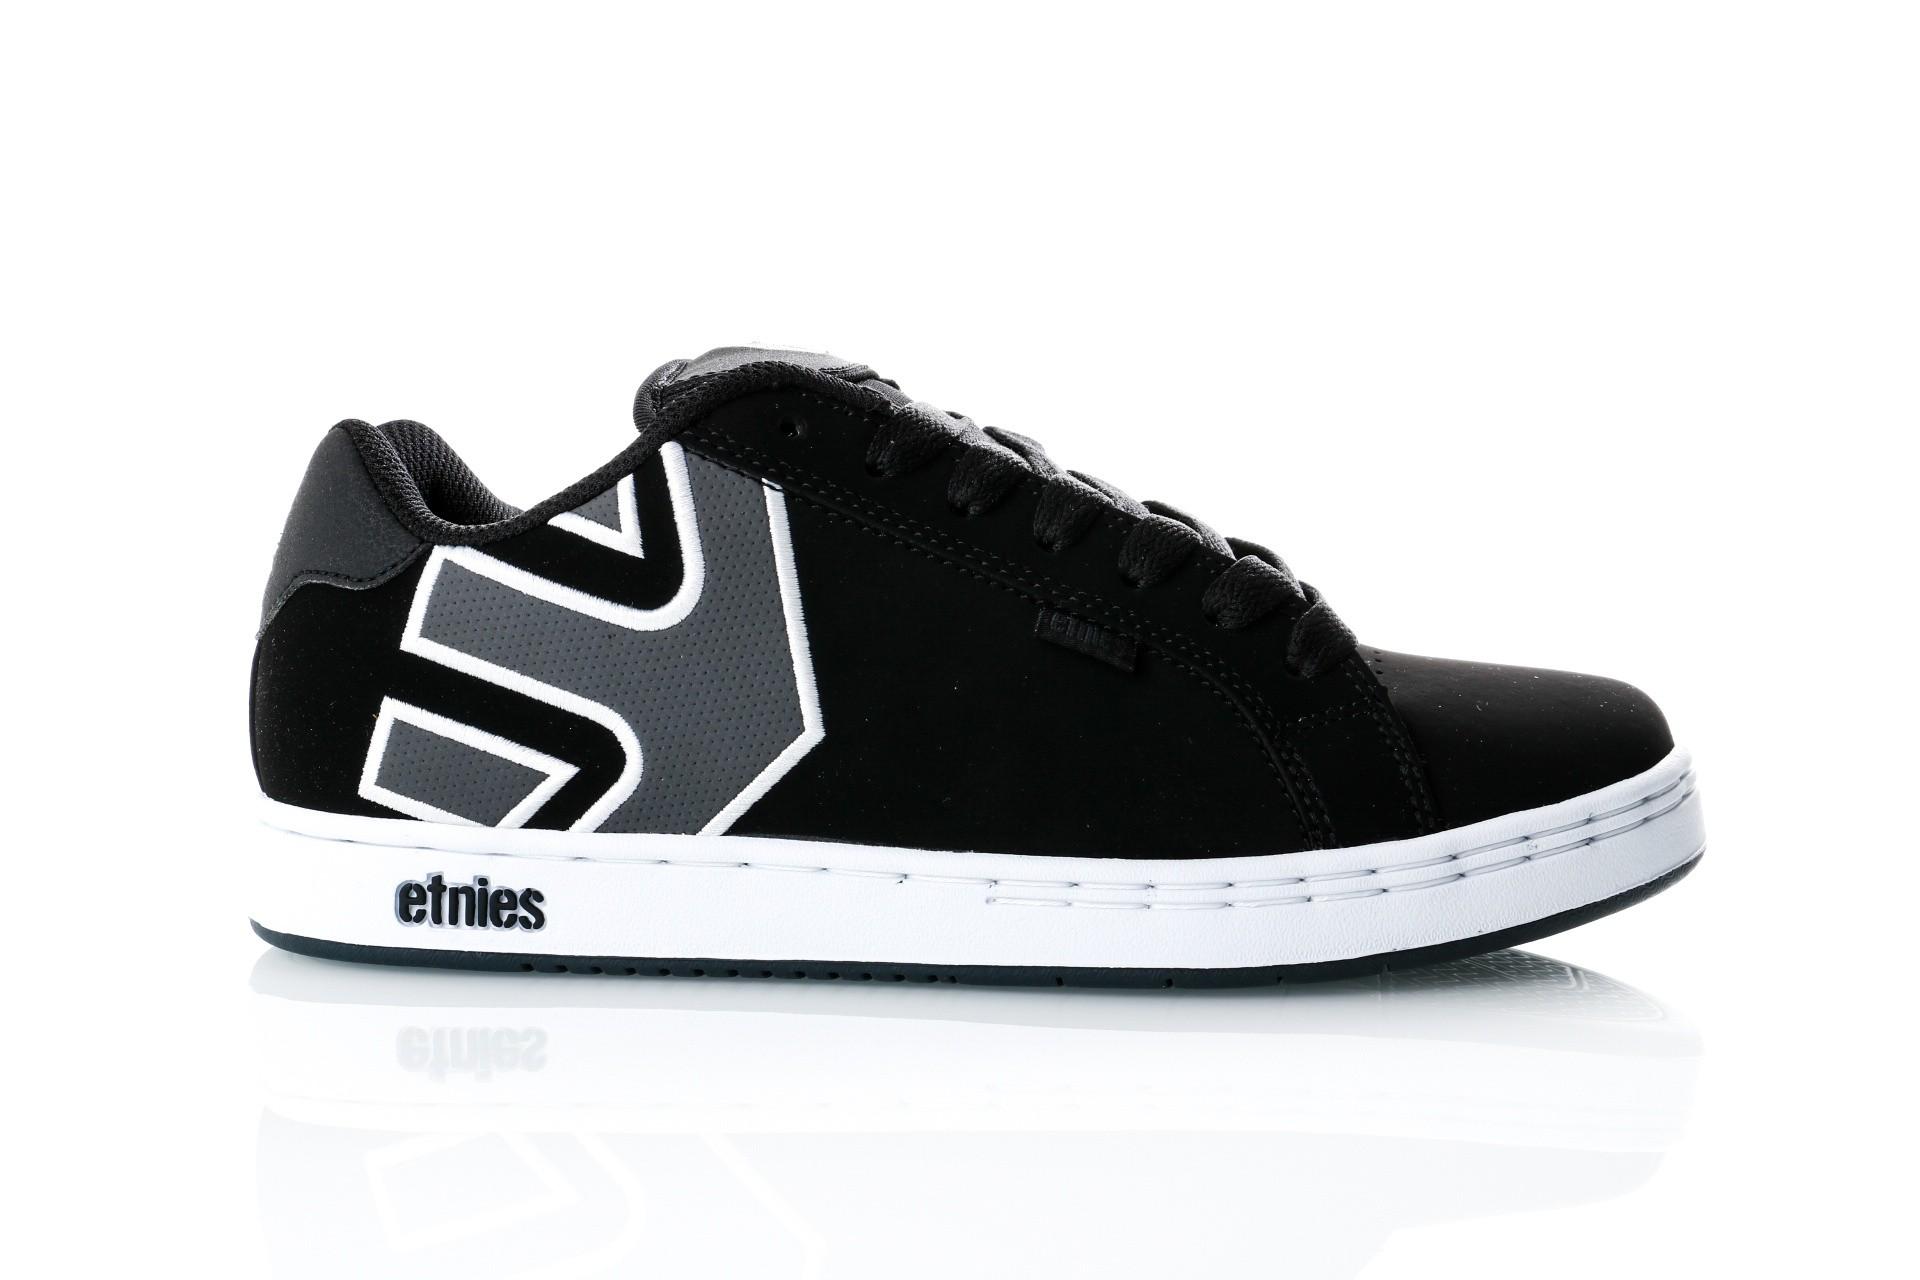 Foto van Etnies FADER 4101000203 Sneakers BLACK/DARK GREY/SILVER